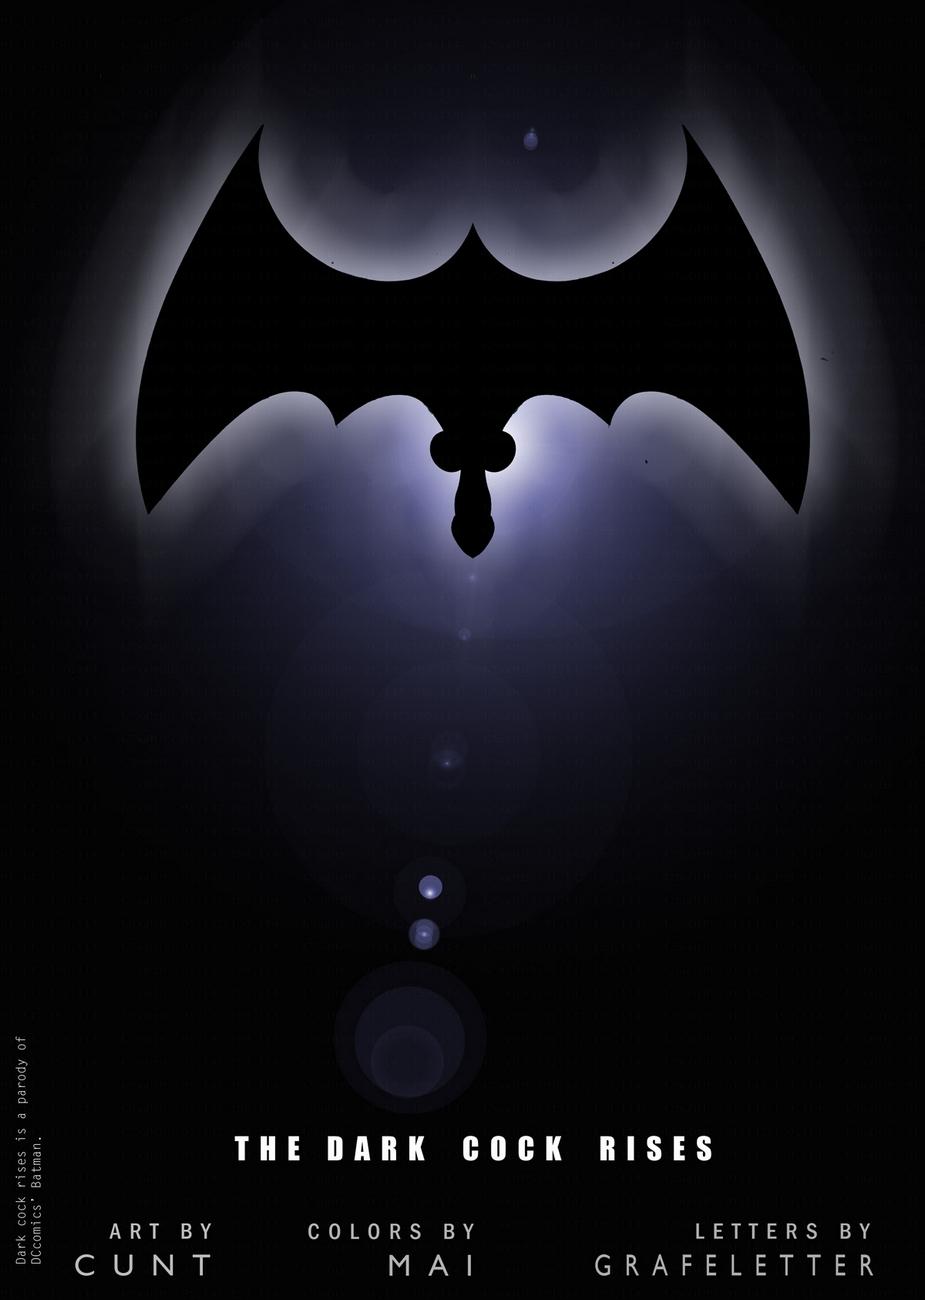 surefap.org__The-Dark-Cock-Rises-ESP-00-COVER_Gotofap_762959344_3854841513.jpg